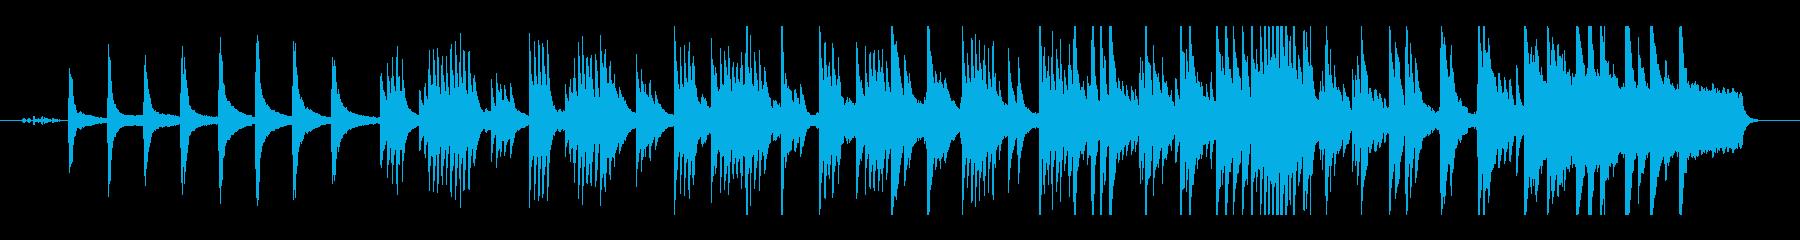 森の静かなエレクトロニカの再生済みの波形